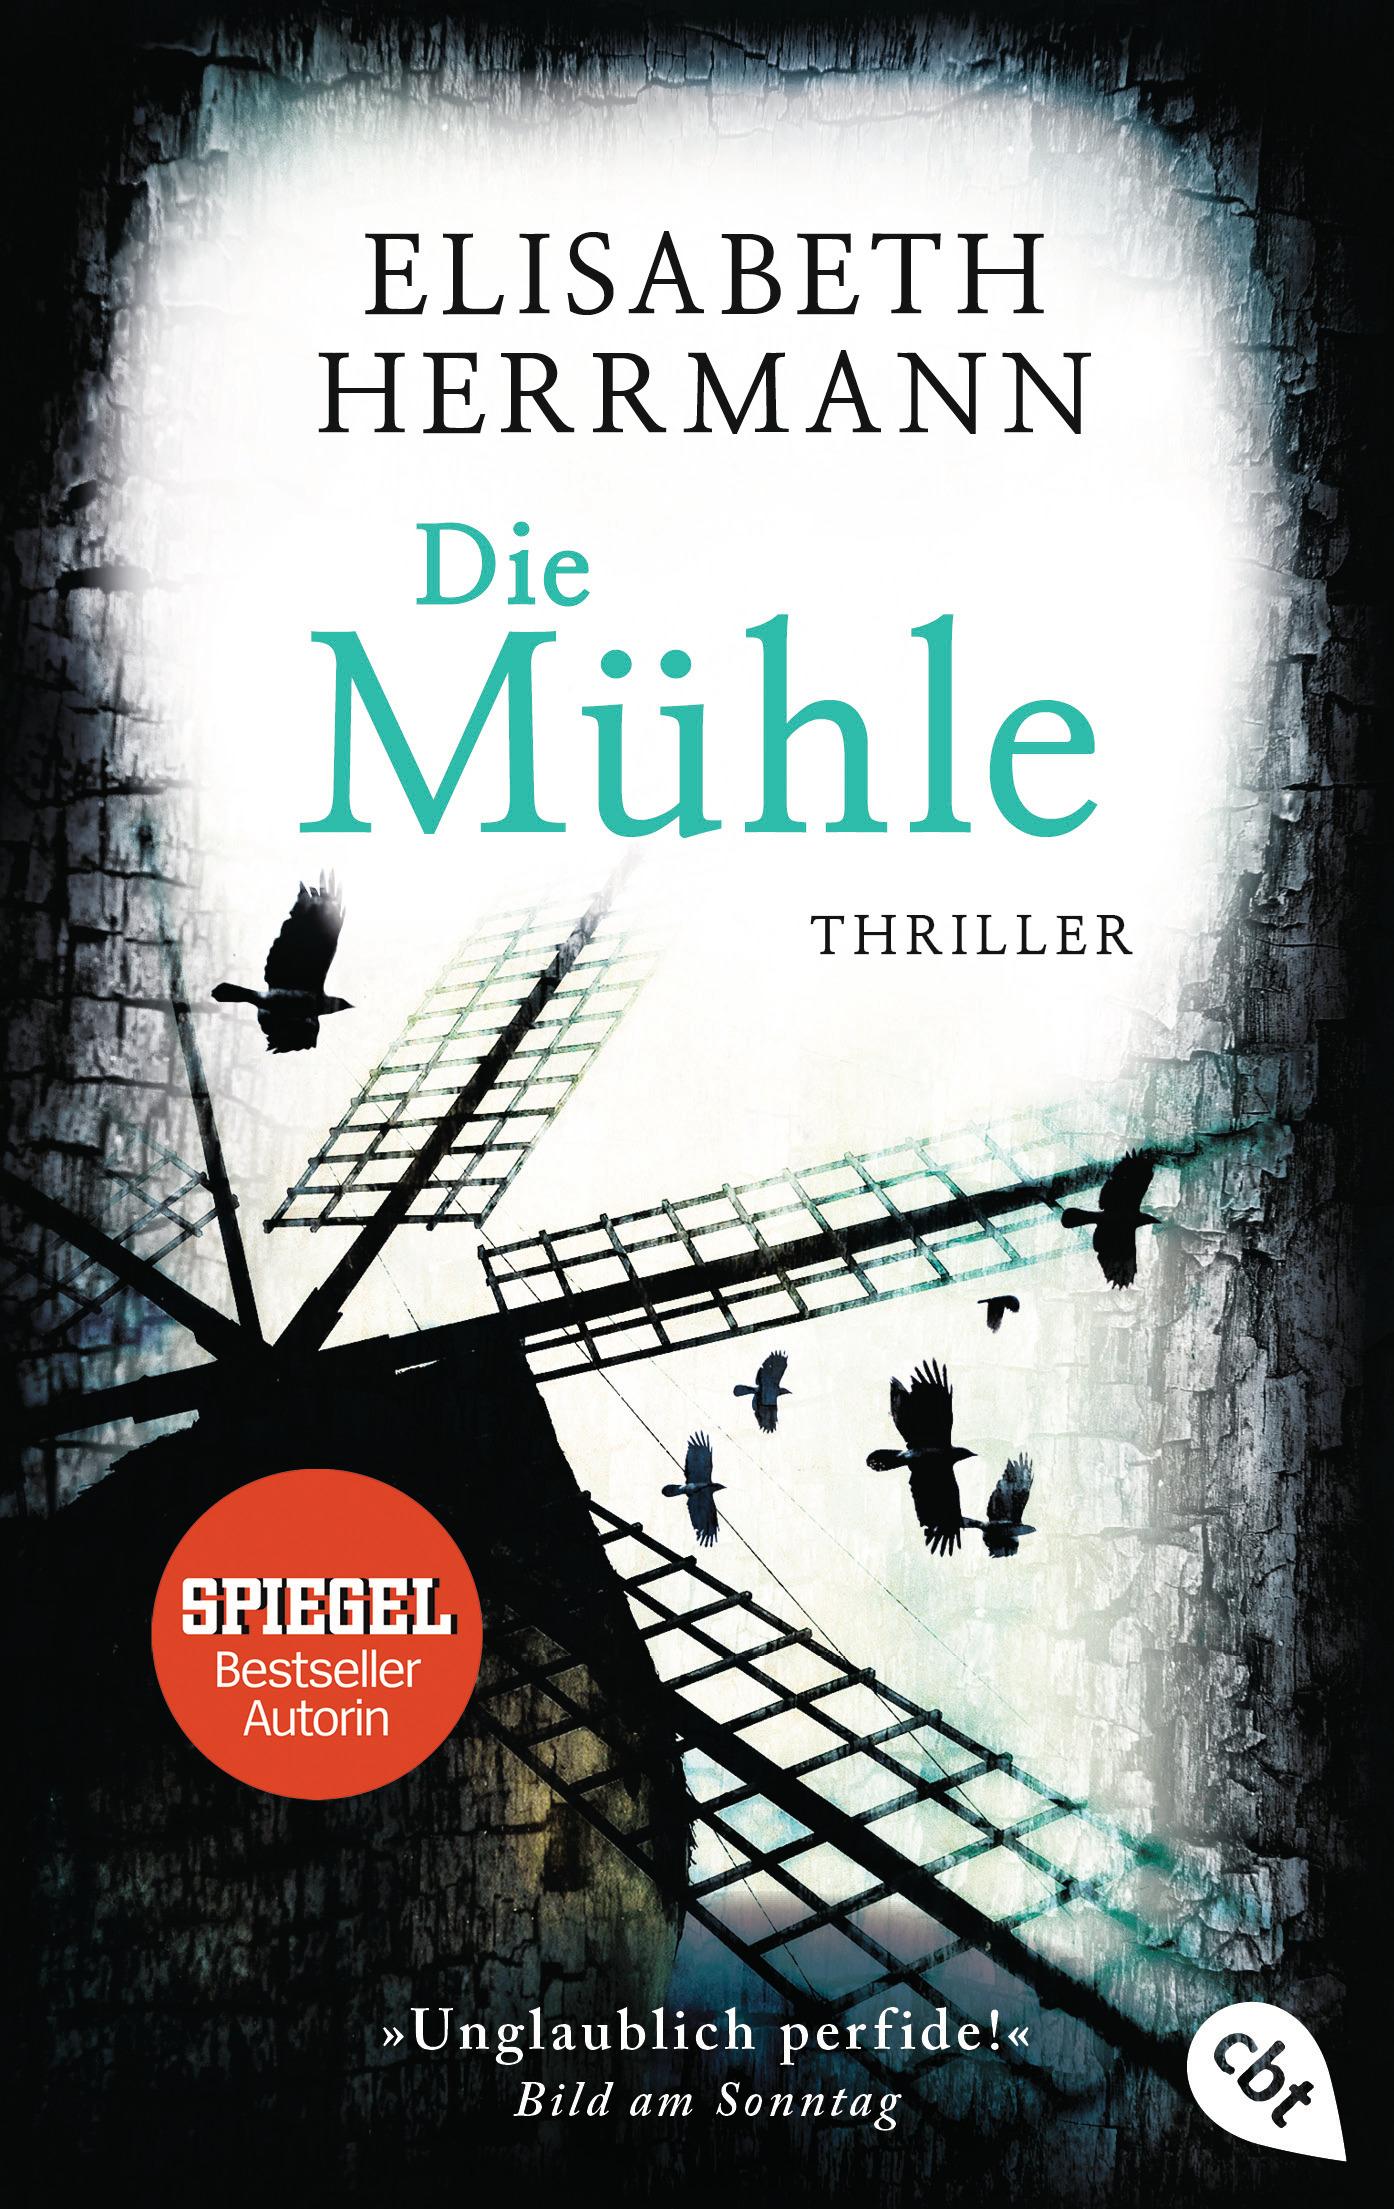 Die Mühle von Elisabeth Herrmann Cover ©cbt HC